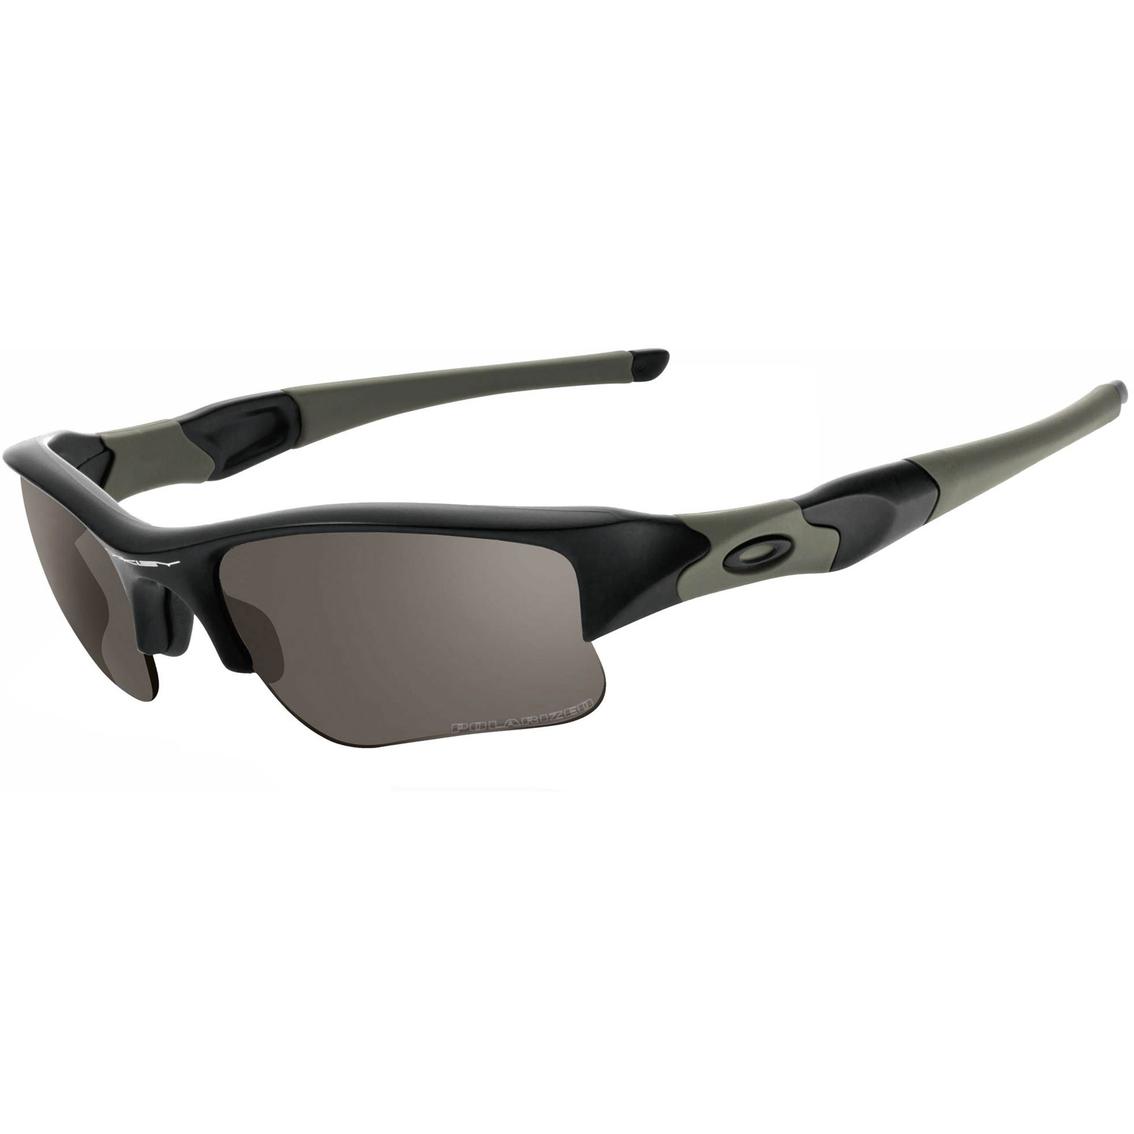 59e8c59f310 Oakley Custom Sunglasses Official Oakley Store « Heritage Malta